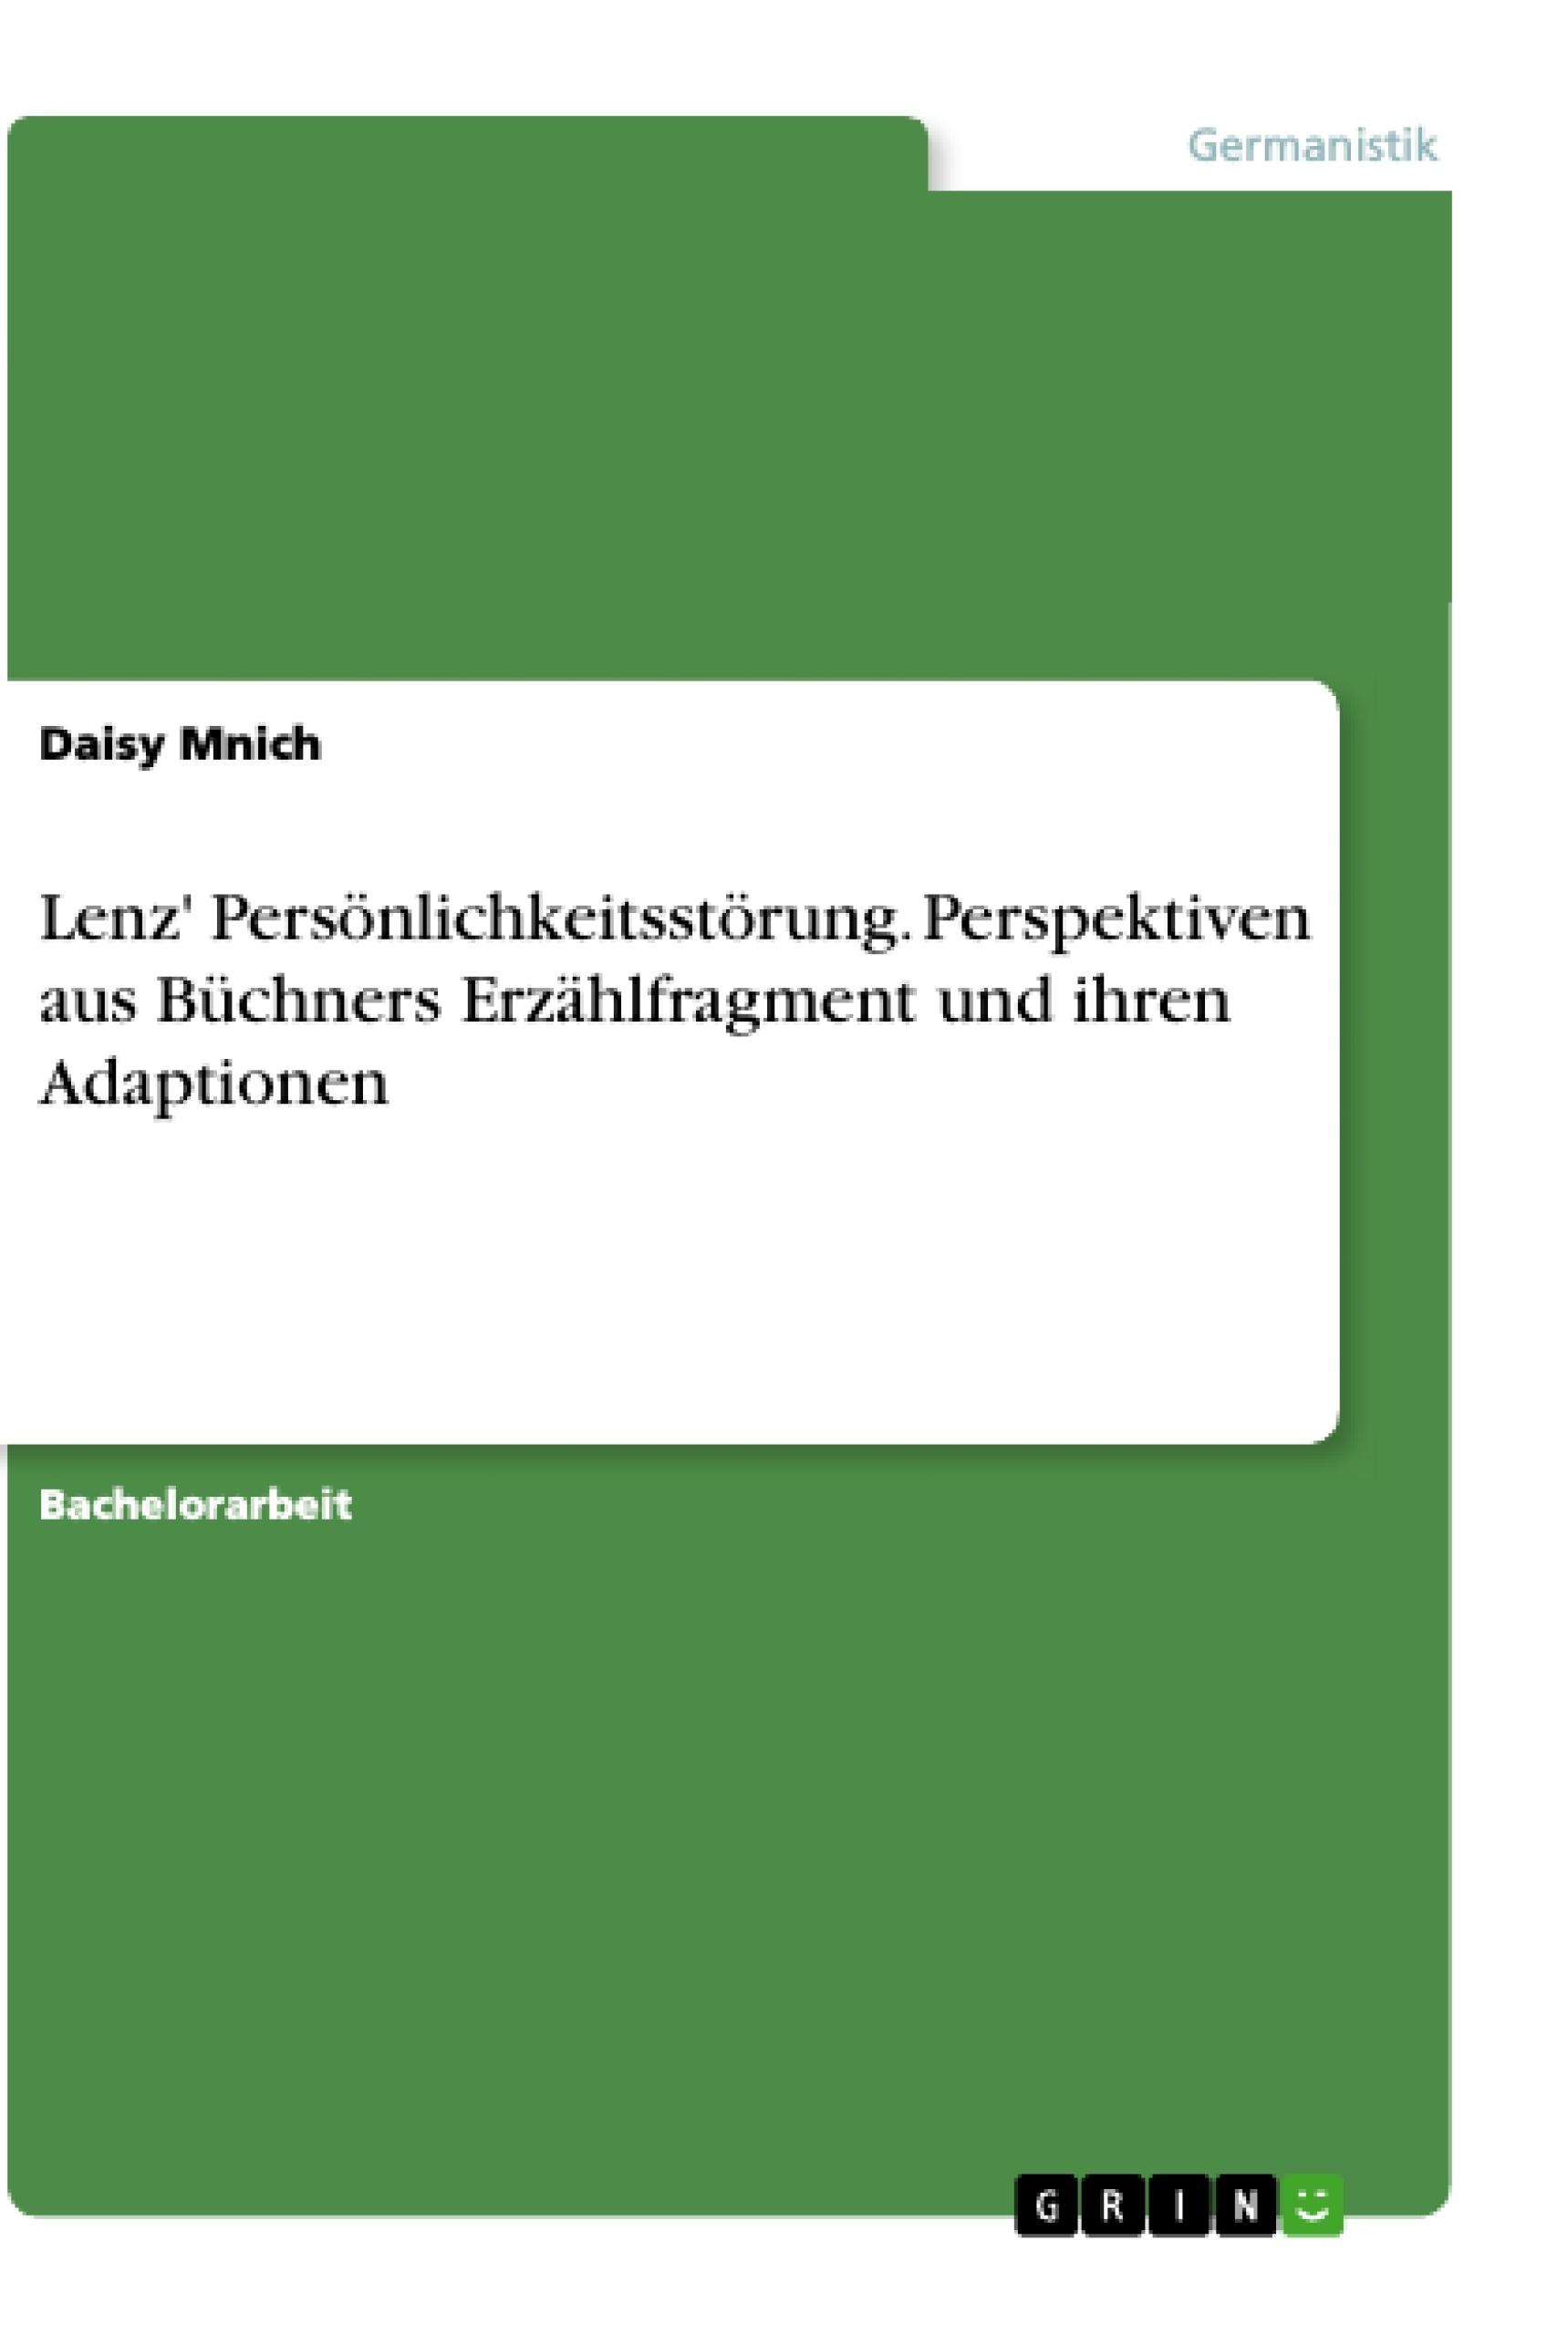 Titel: Lenz' Persönlichkeitsstörung. Perspektiven aus Büchners Erzählfragment und ihren Adaptionen